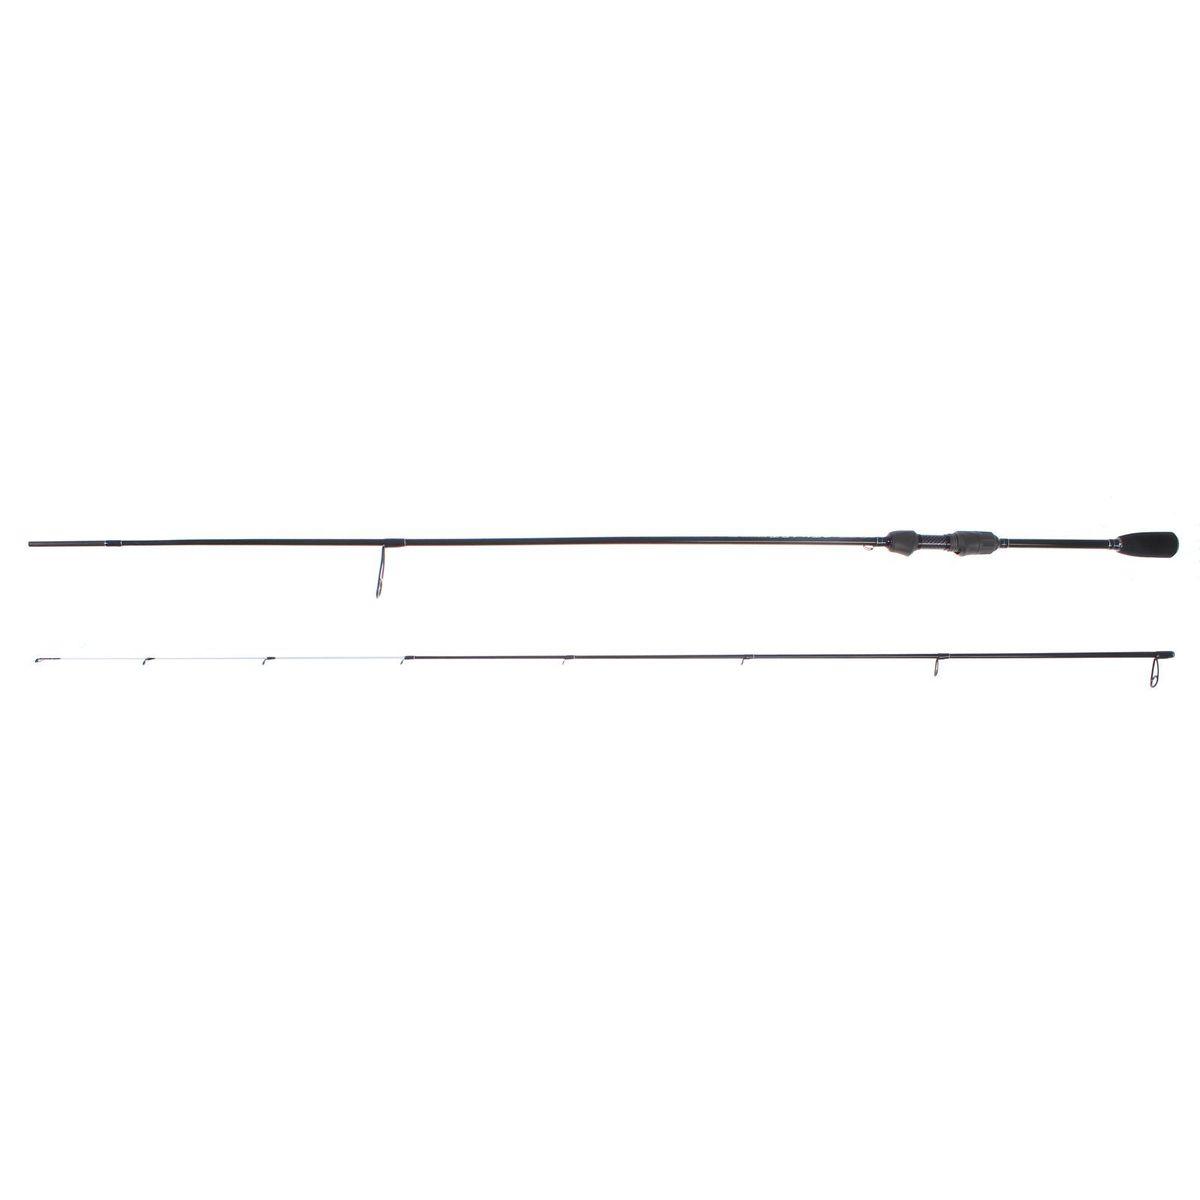 Спиннинг Волжанка Стилет, 2,3 м, 2-7 г1363236Спиннинг Волжанка Стилет тест 2-7гр 2.3м 2 секции Штекерный спиннинг лучшее сочетание цены и качества. Разработан под наиболее популярные приманки используемые на всех хищников.